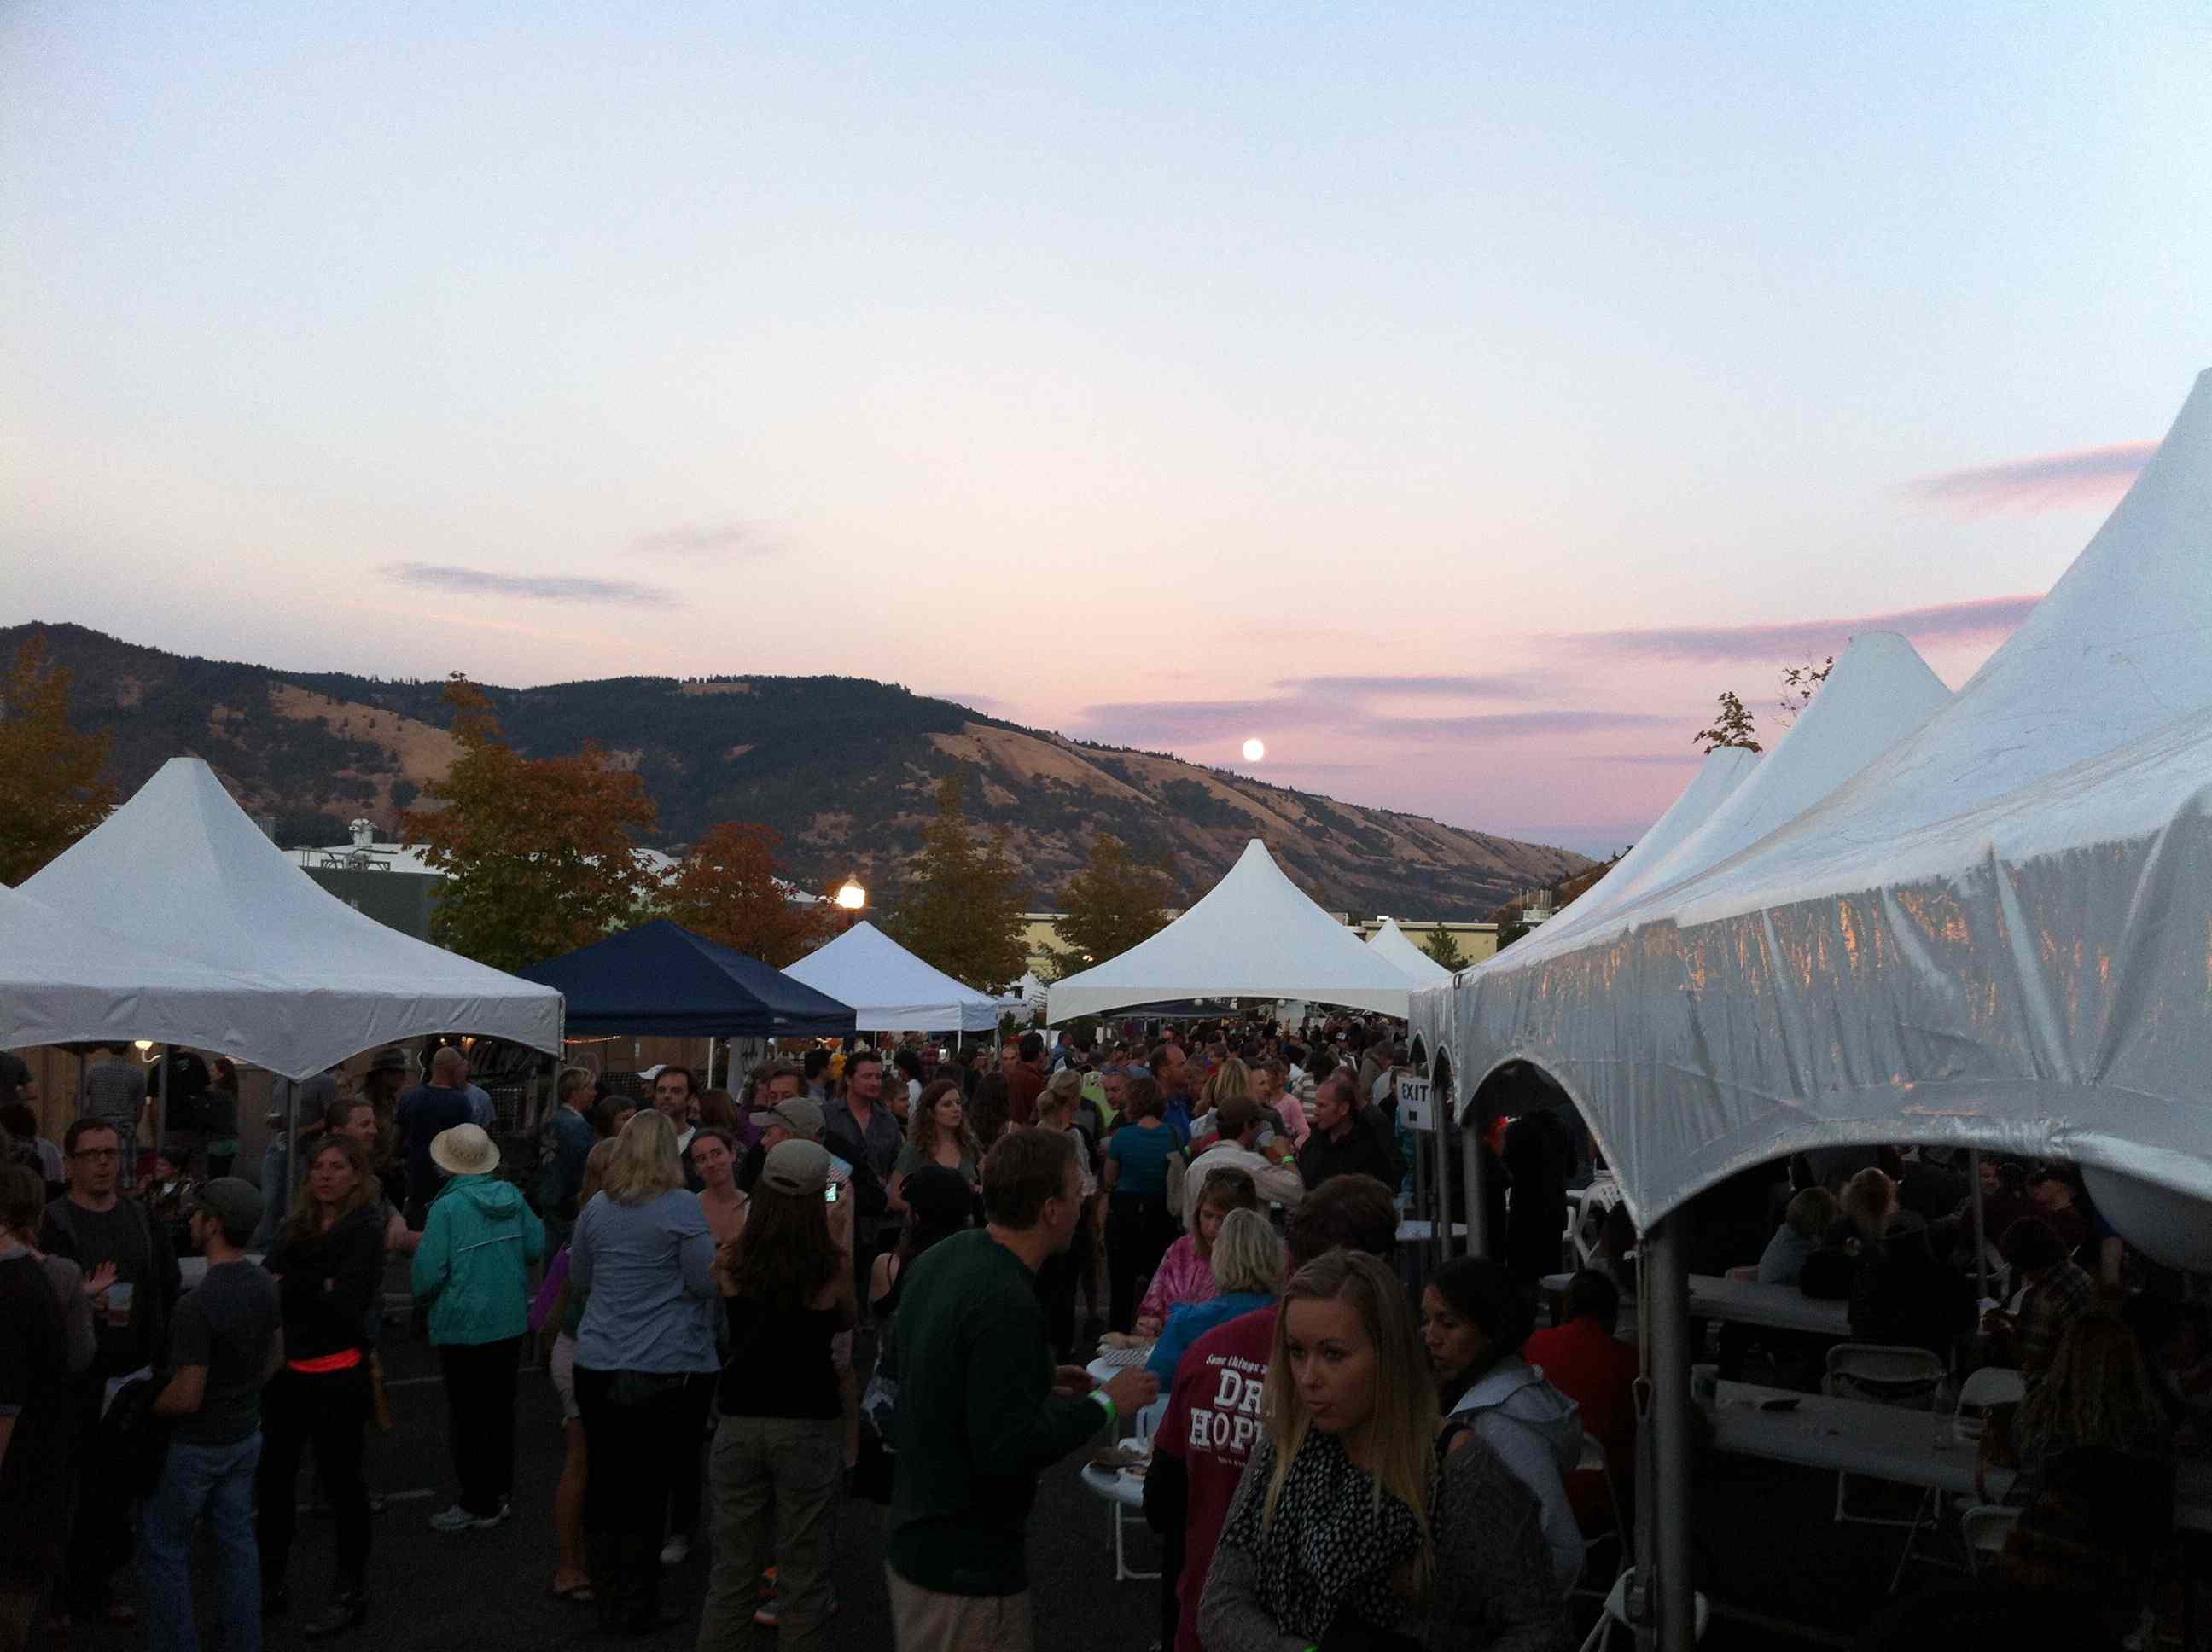 Hood river hops fest goes all fresh hops for 2013 for The hood river